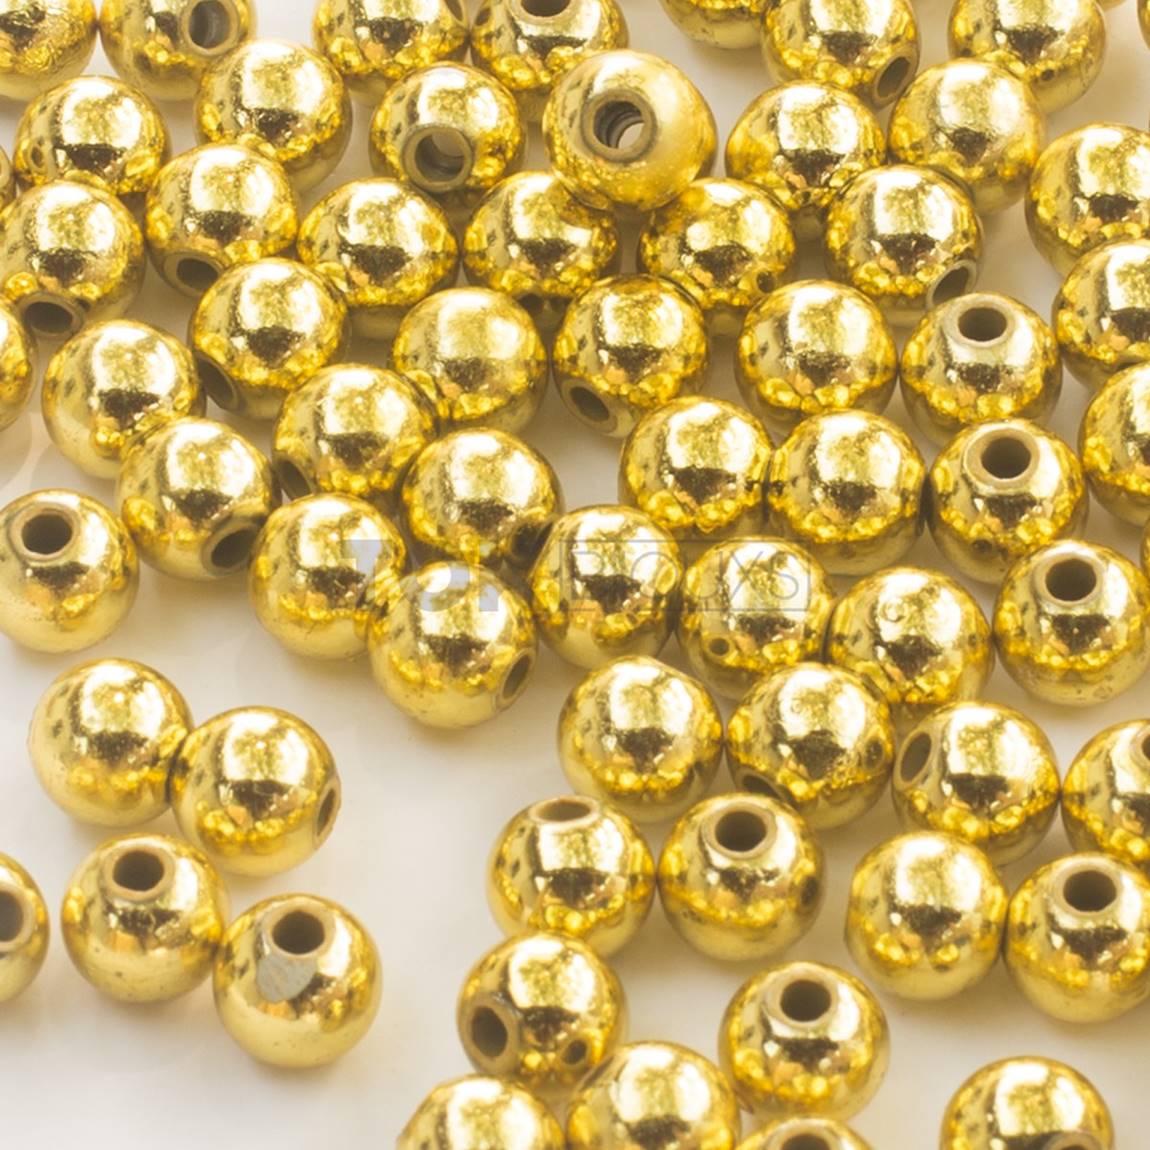 Atacado - Pérola Redonda 8mm - Dourada - 500g